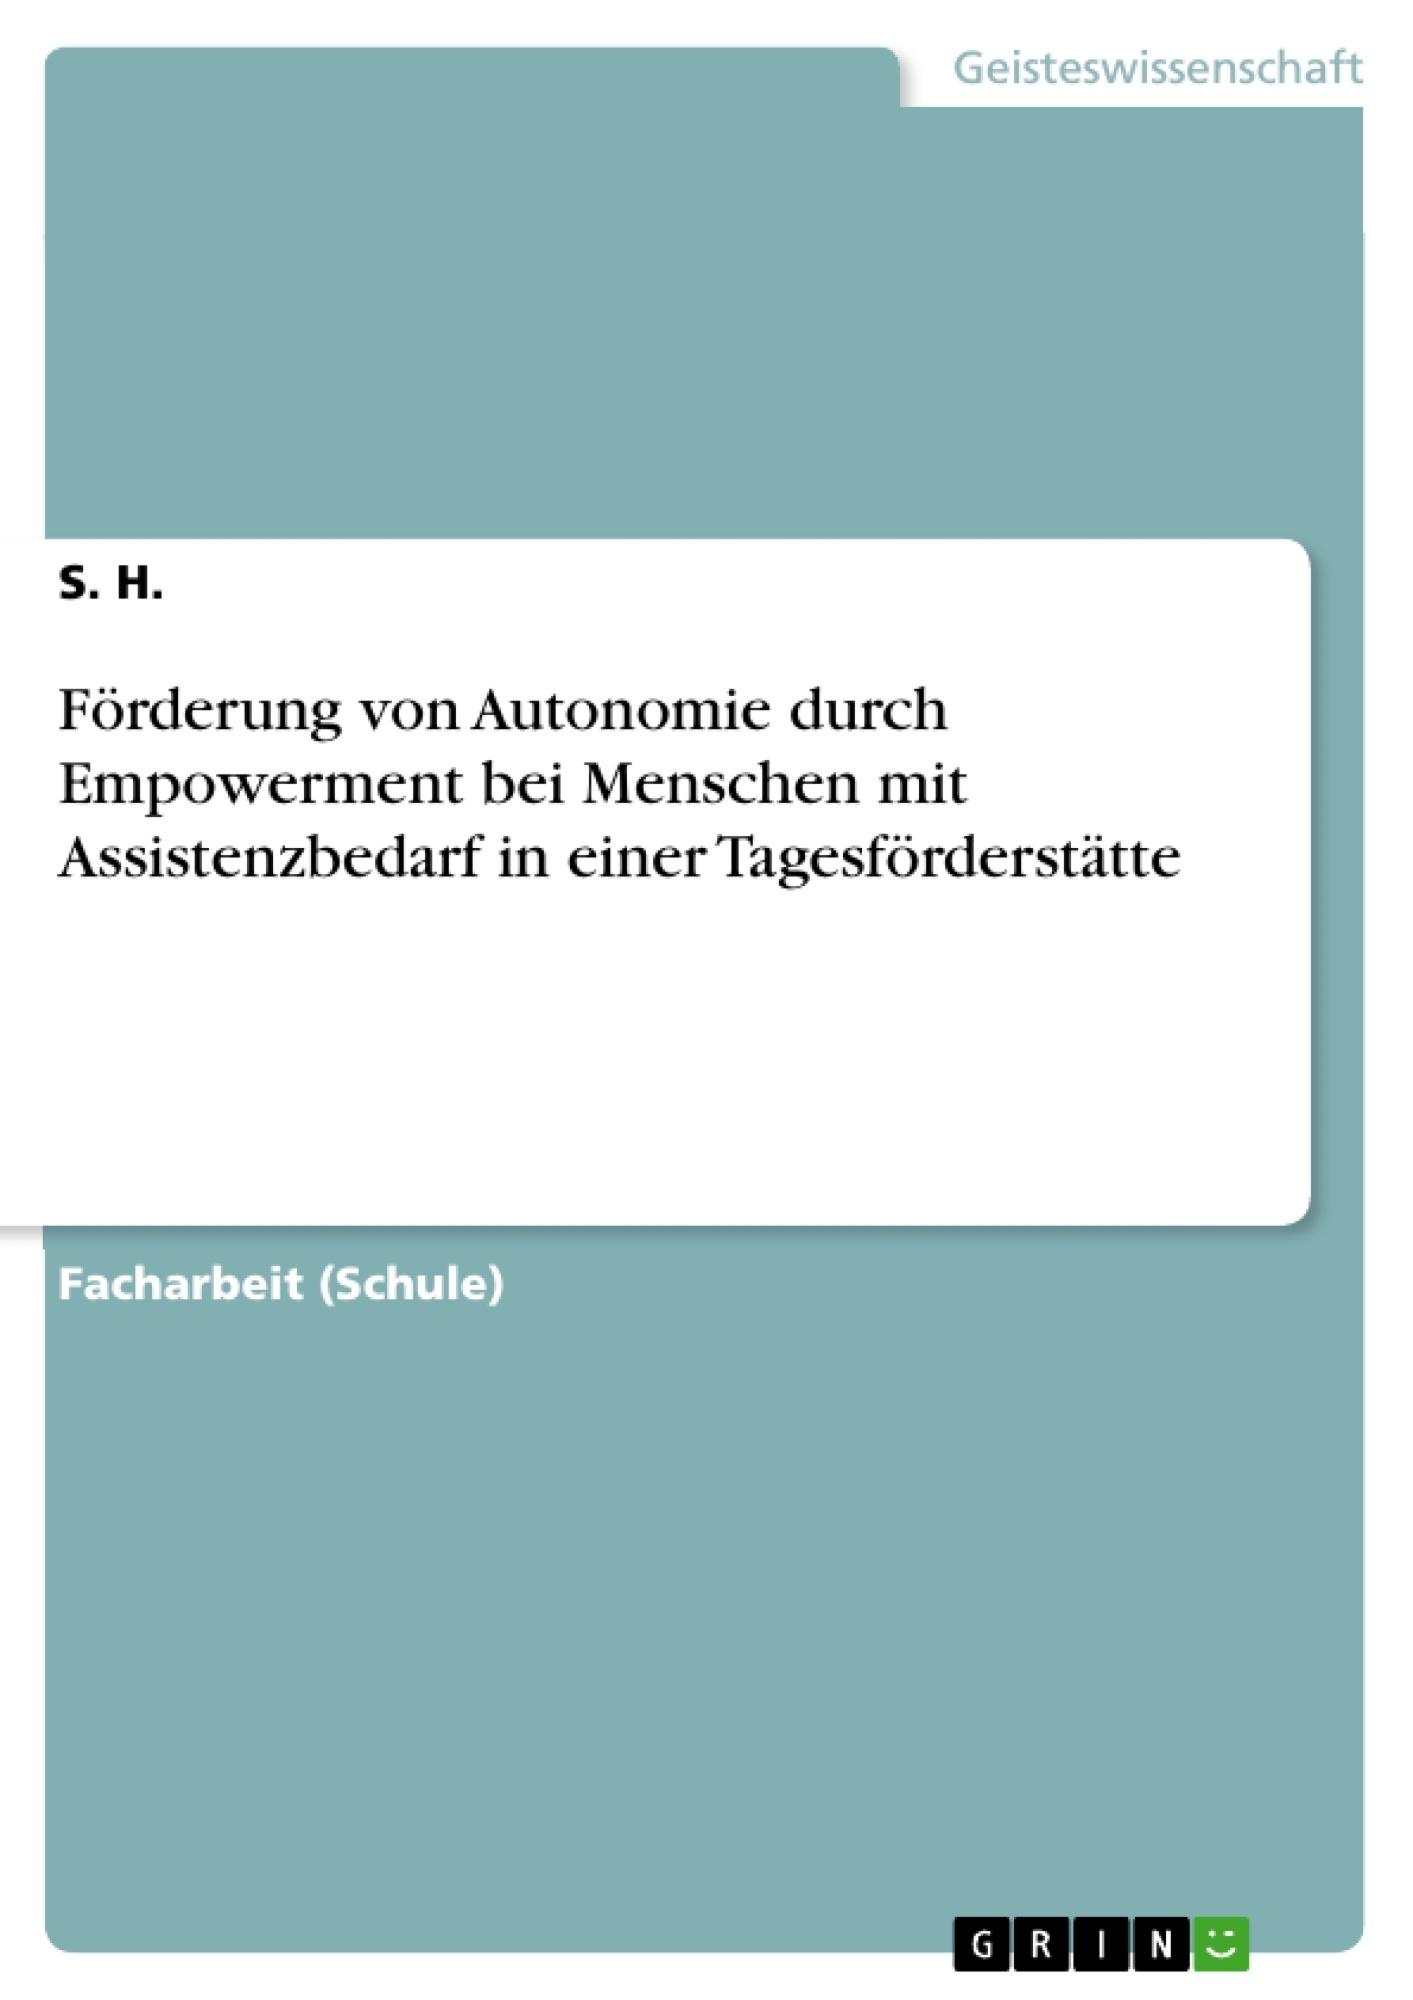 Titel: Förderung von Autonomie durch Empowerment bei Menschen mit Assistenzbedarf in einer Tagesförderstätte